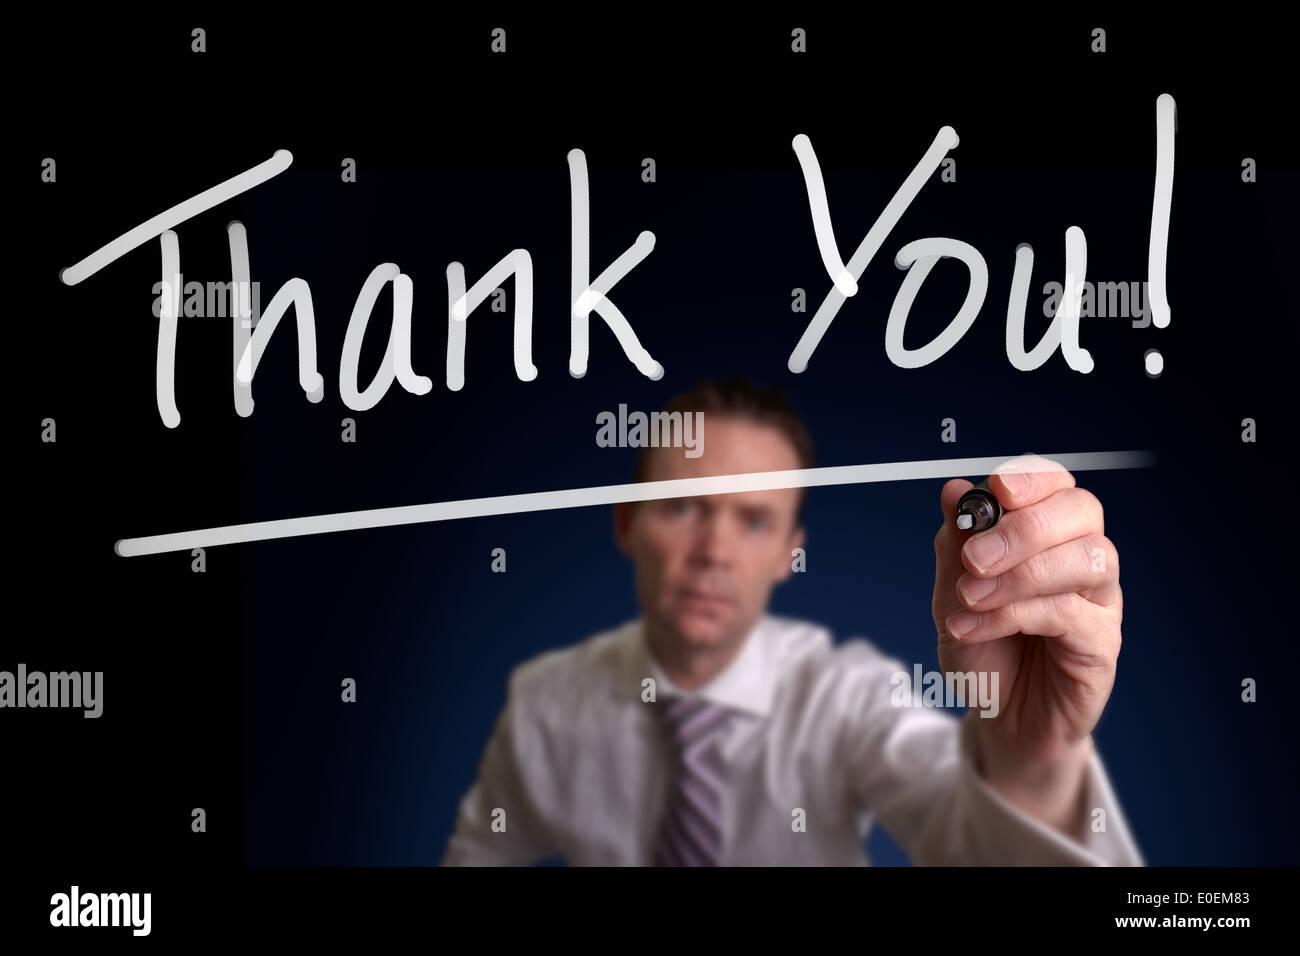 Handwritten Thank You Letter Stockfotos & Handwritten Thank You ...